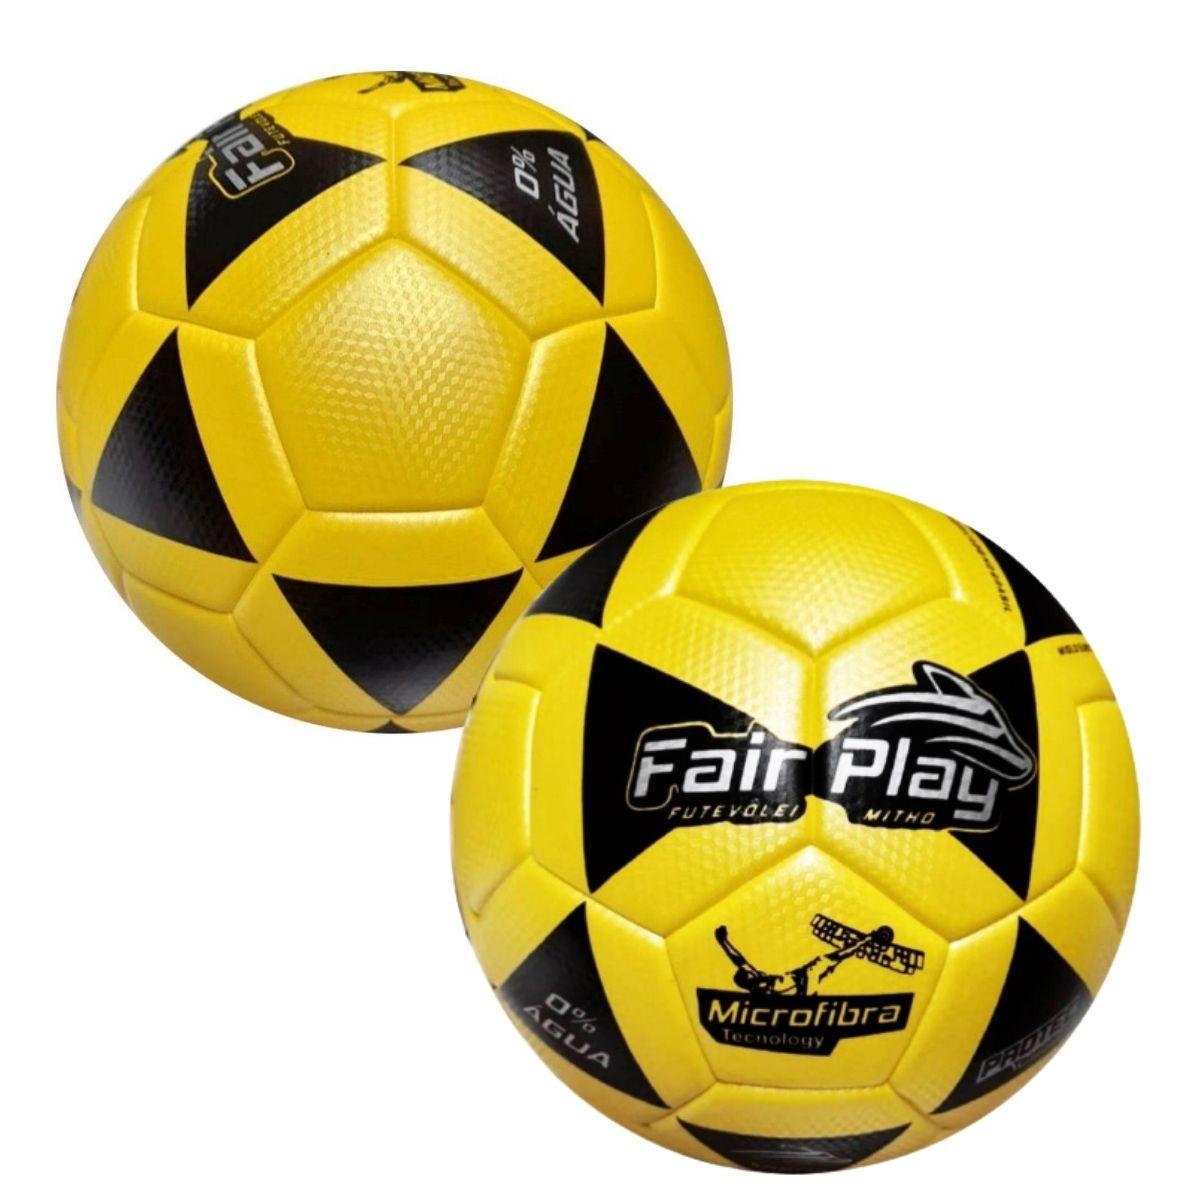 Kit 2 Bolas de Futevôlei Fairplay Mitho FT